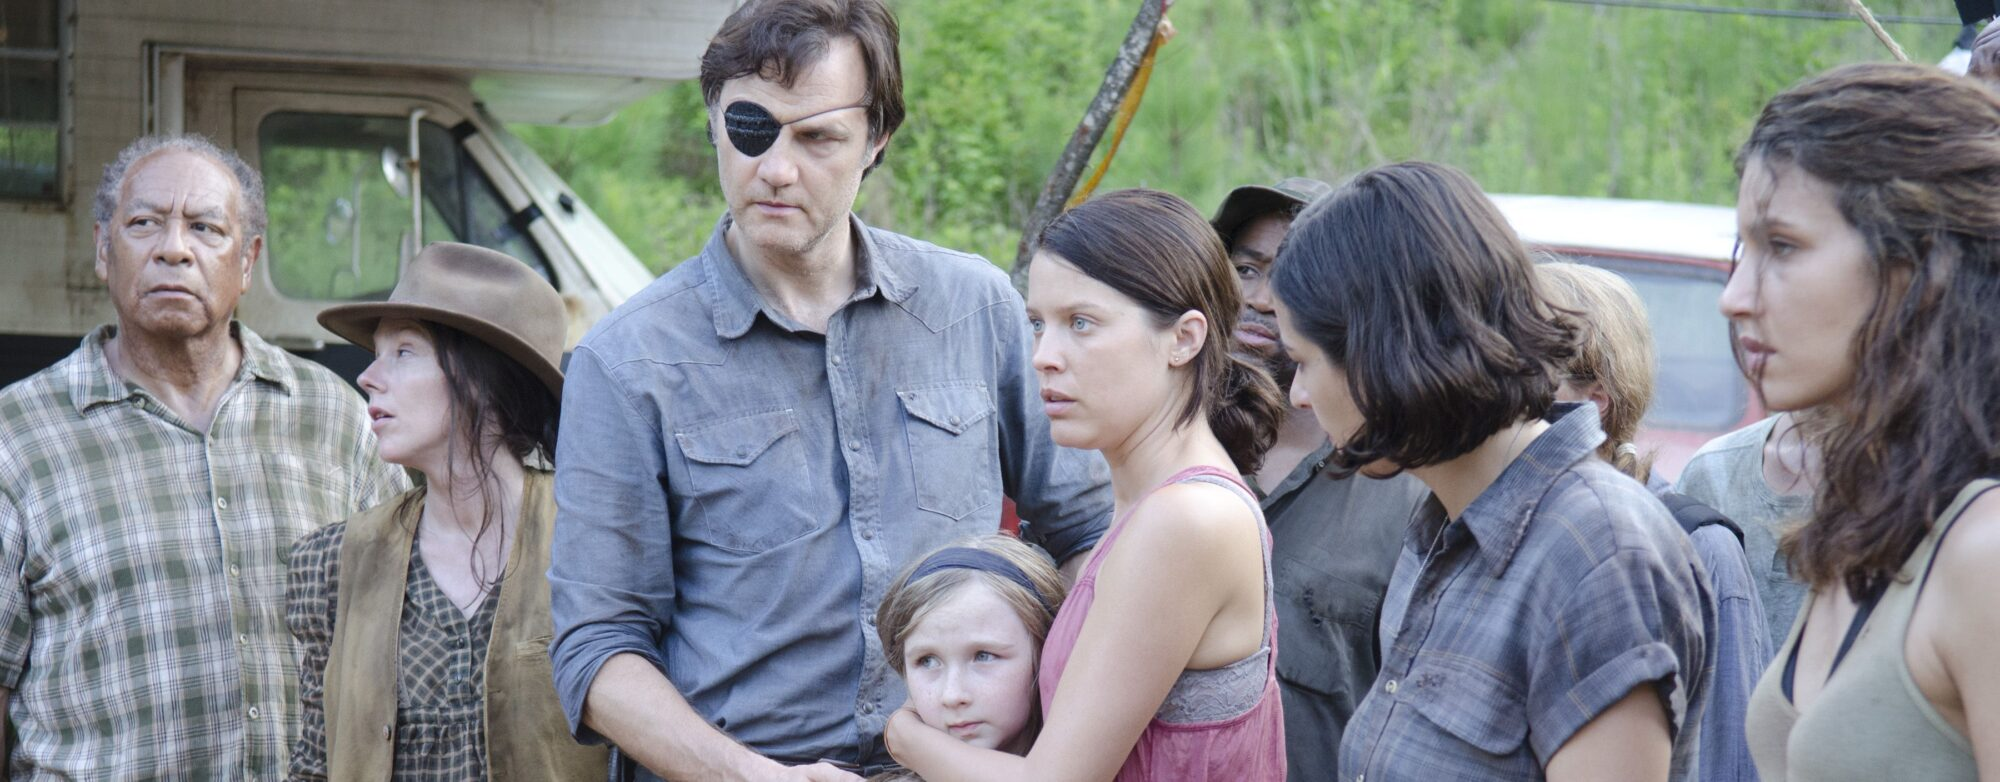 The Walking Dead: Season Four